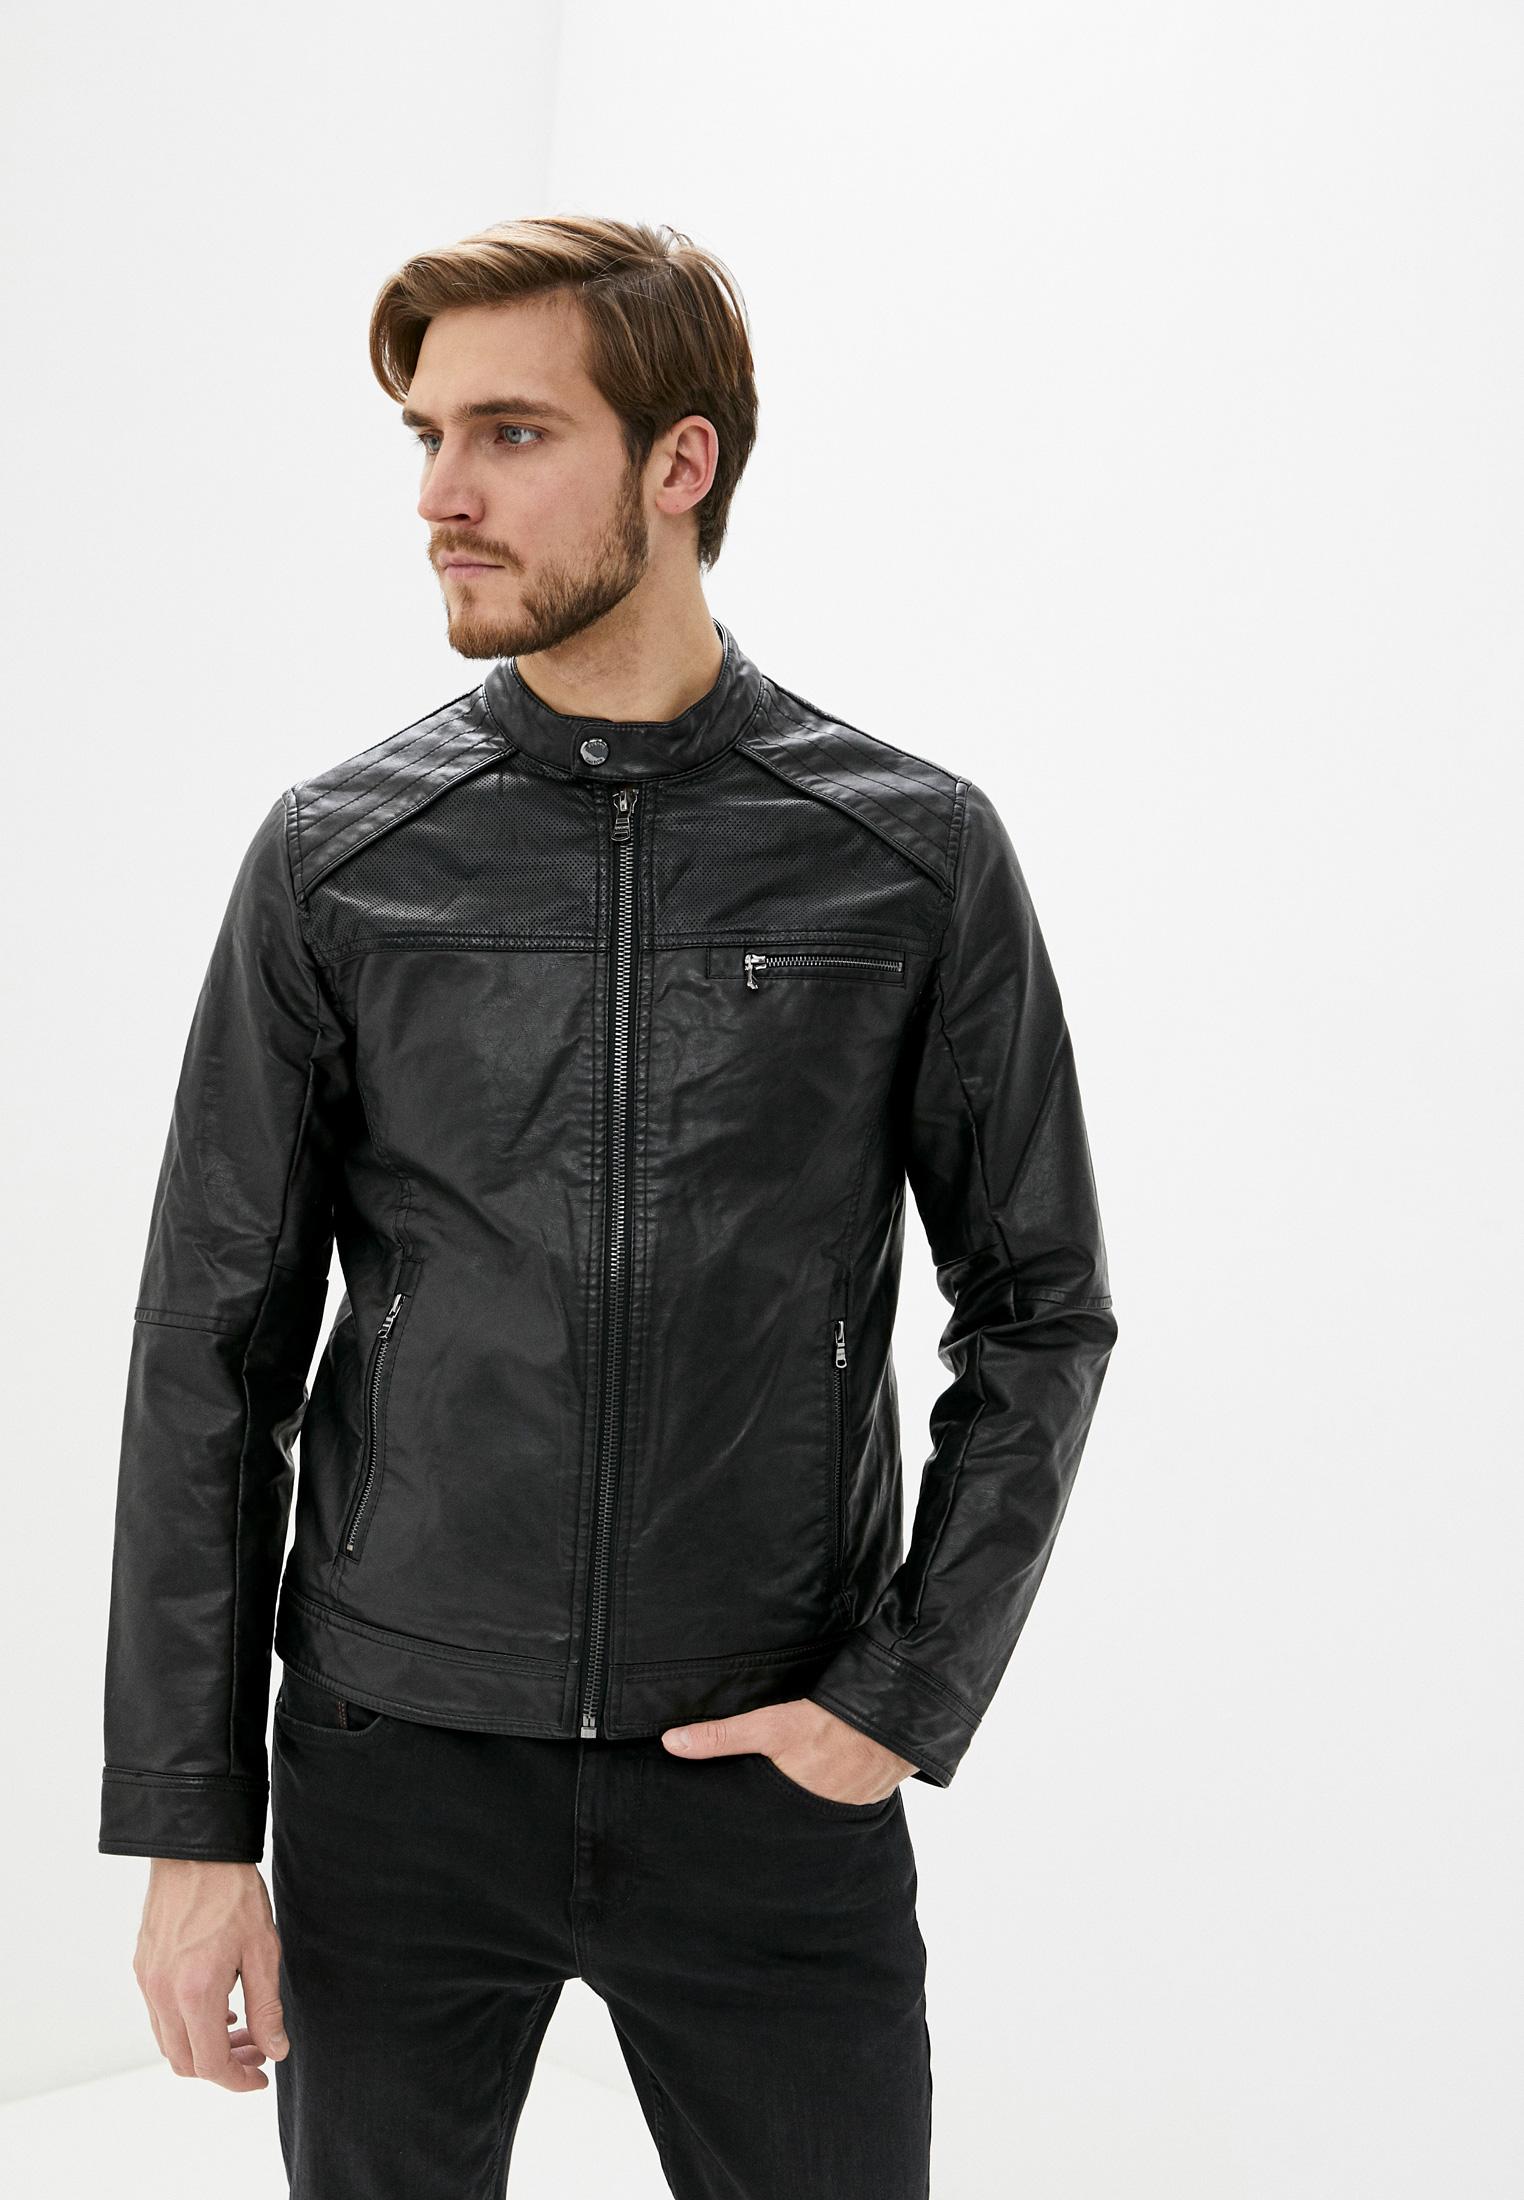 Куртка кожаная, Colin's, цвет: черный. Артикул: MP002XM0QRZB. Одежда / Верхняя одежда / Кожаные куртки